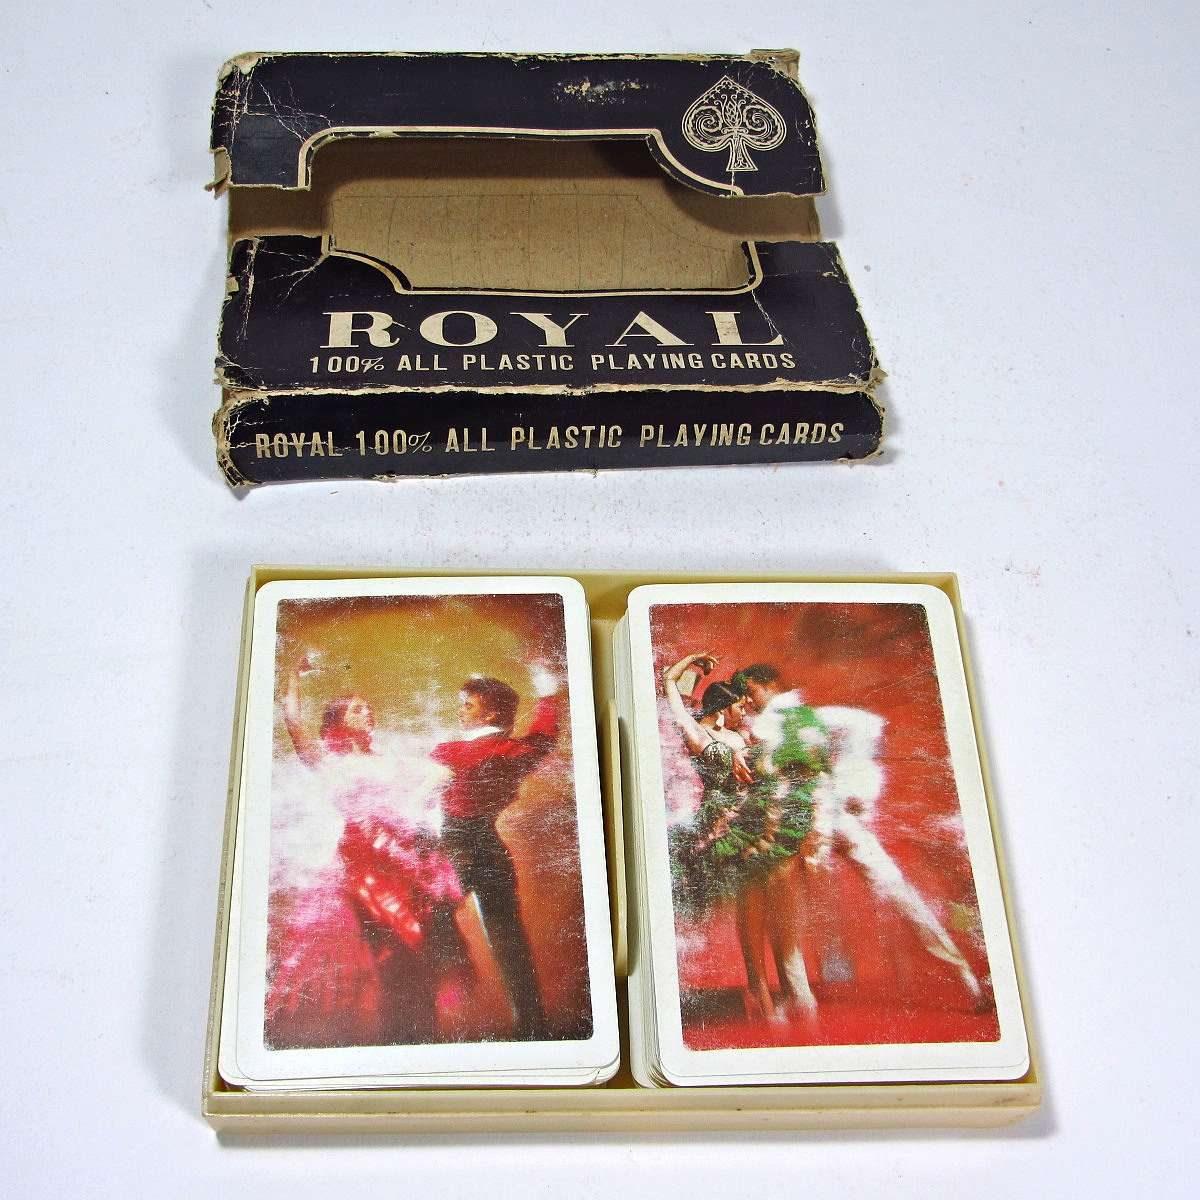 Royal Plastik Oyun Kağıdı Kitap-Plak-Dergi Deste